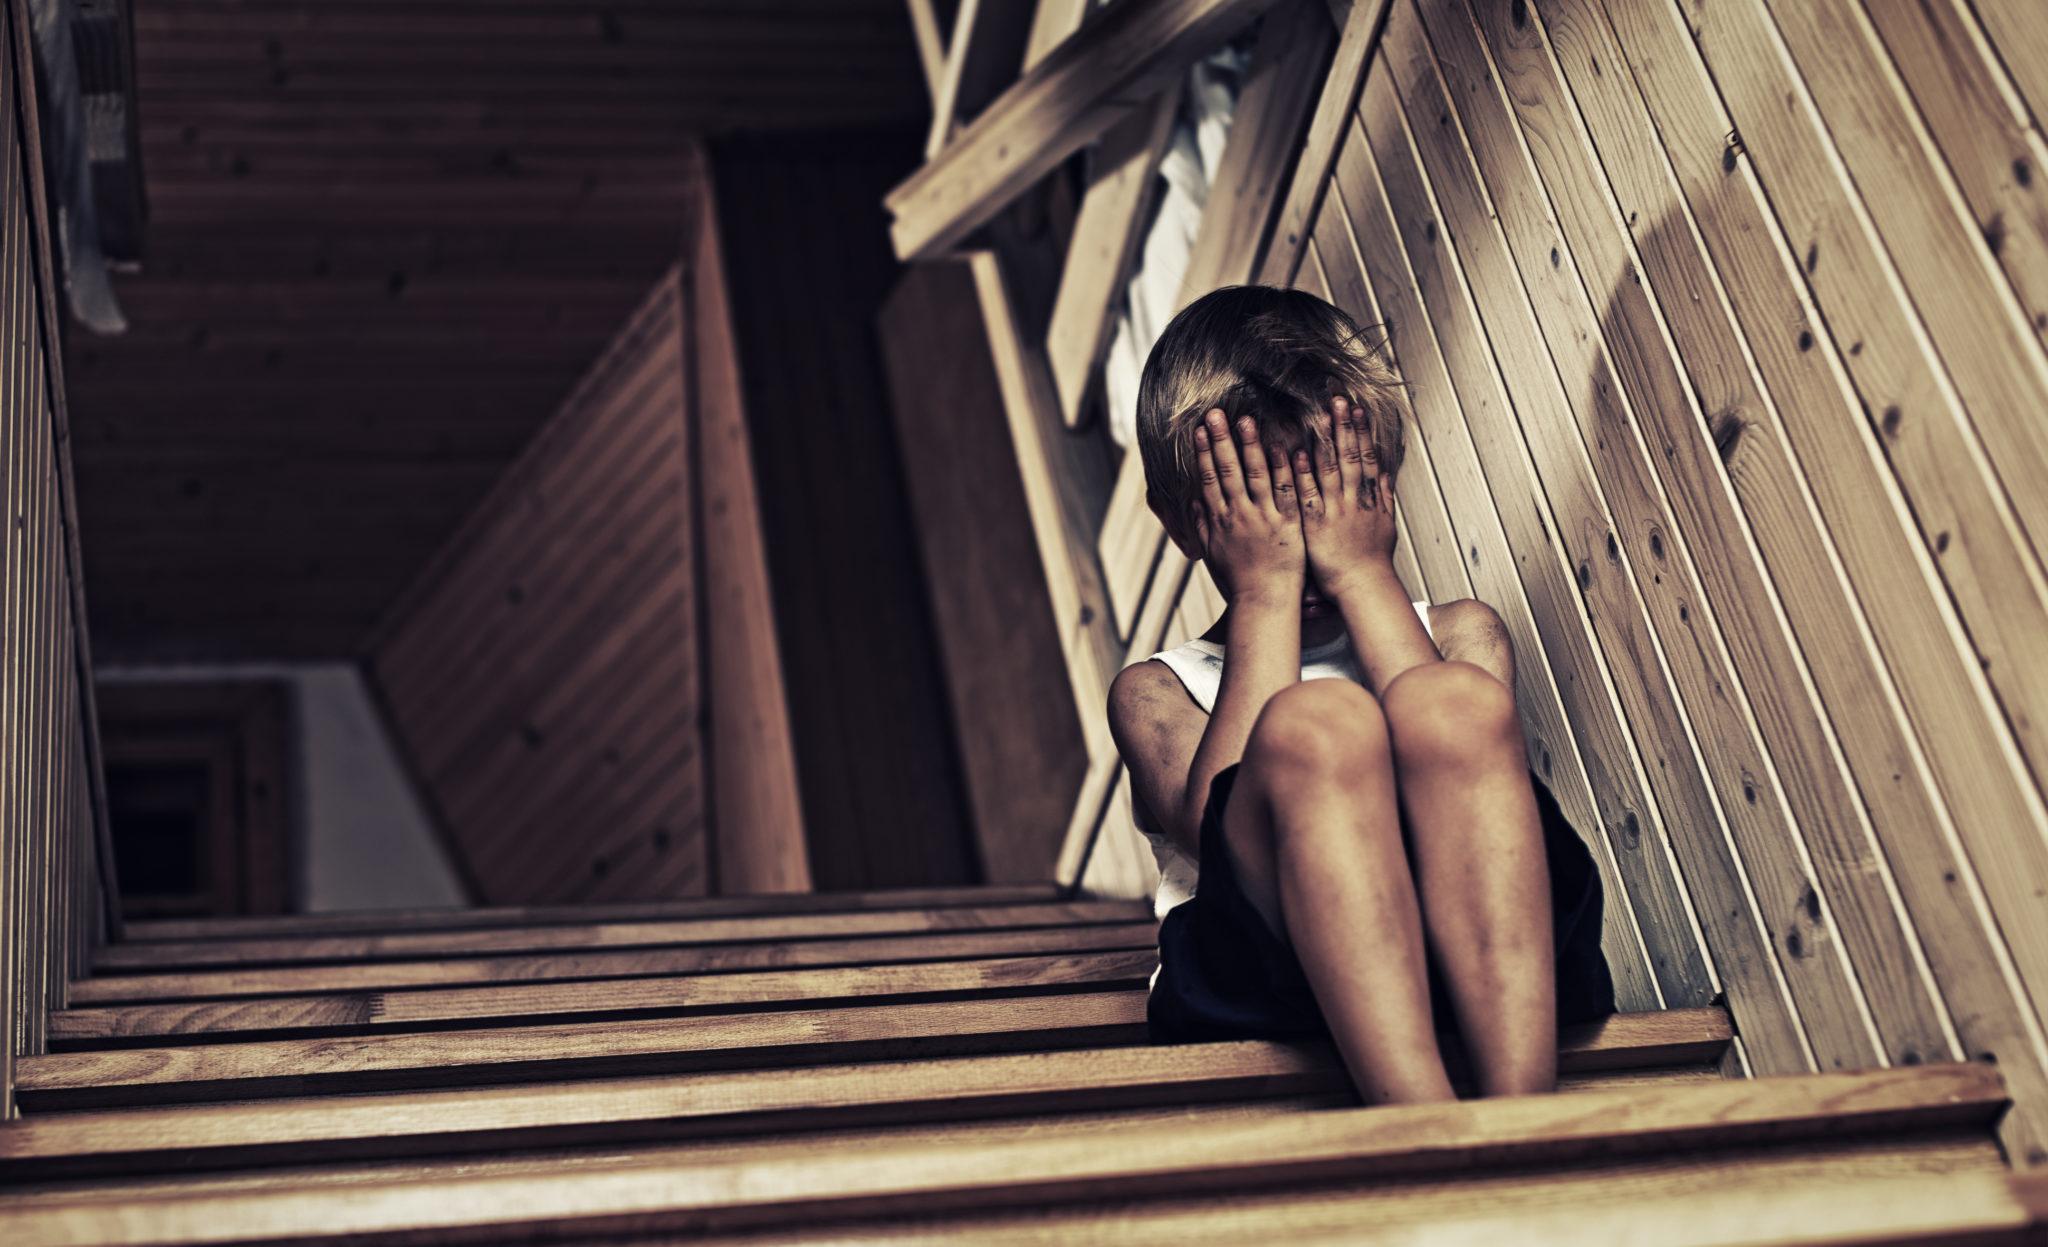 Kleiner Junge, weinend auf einer Treppe sitzend.